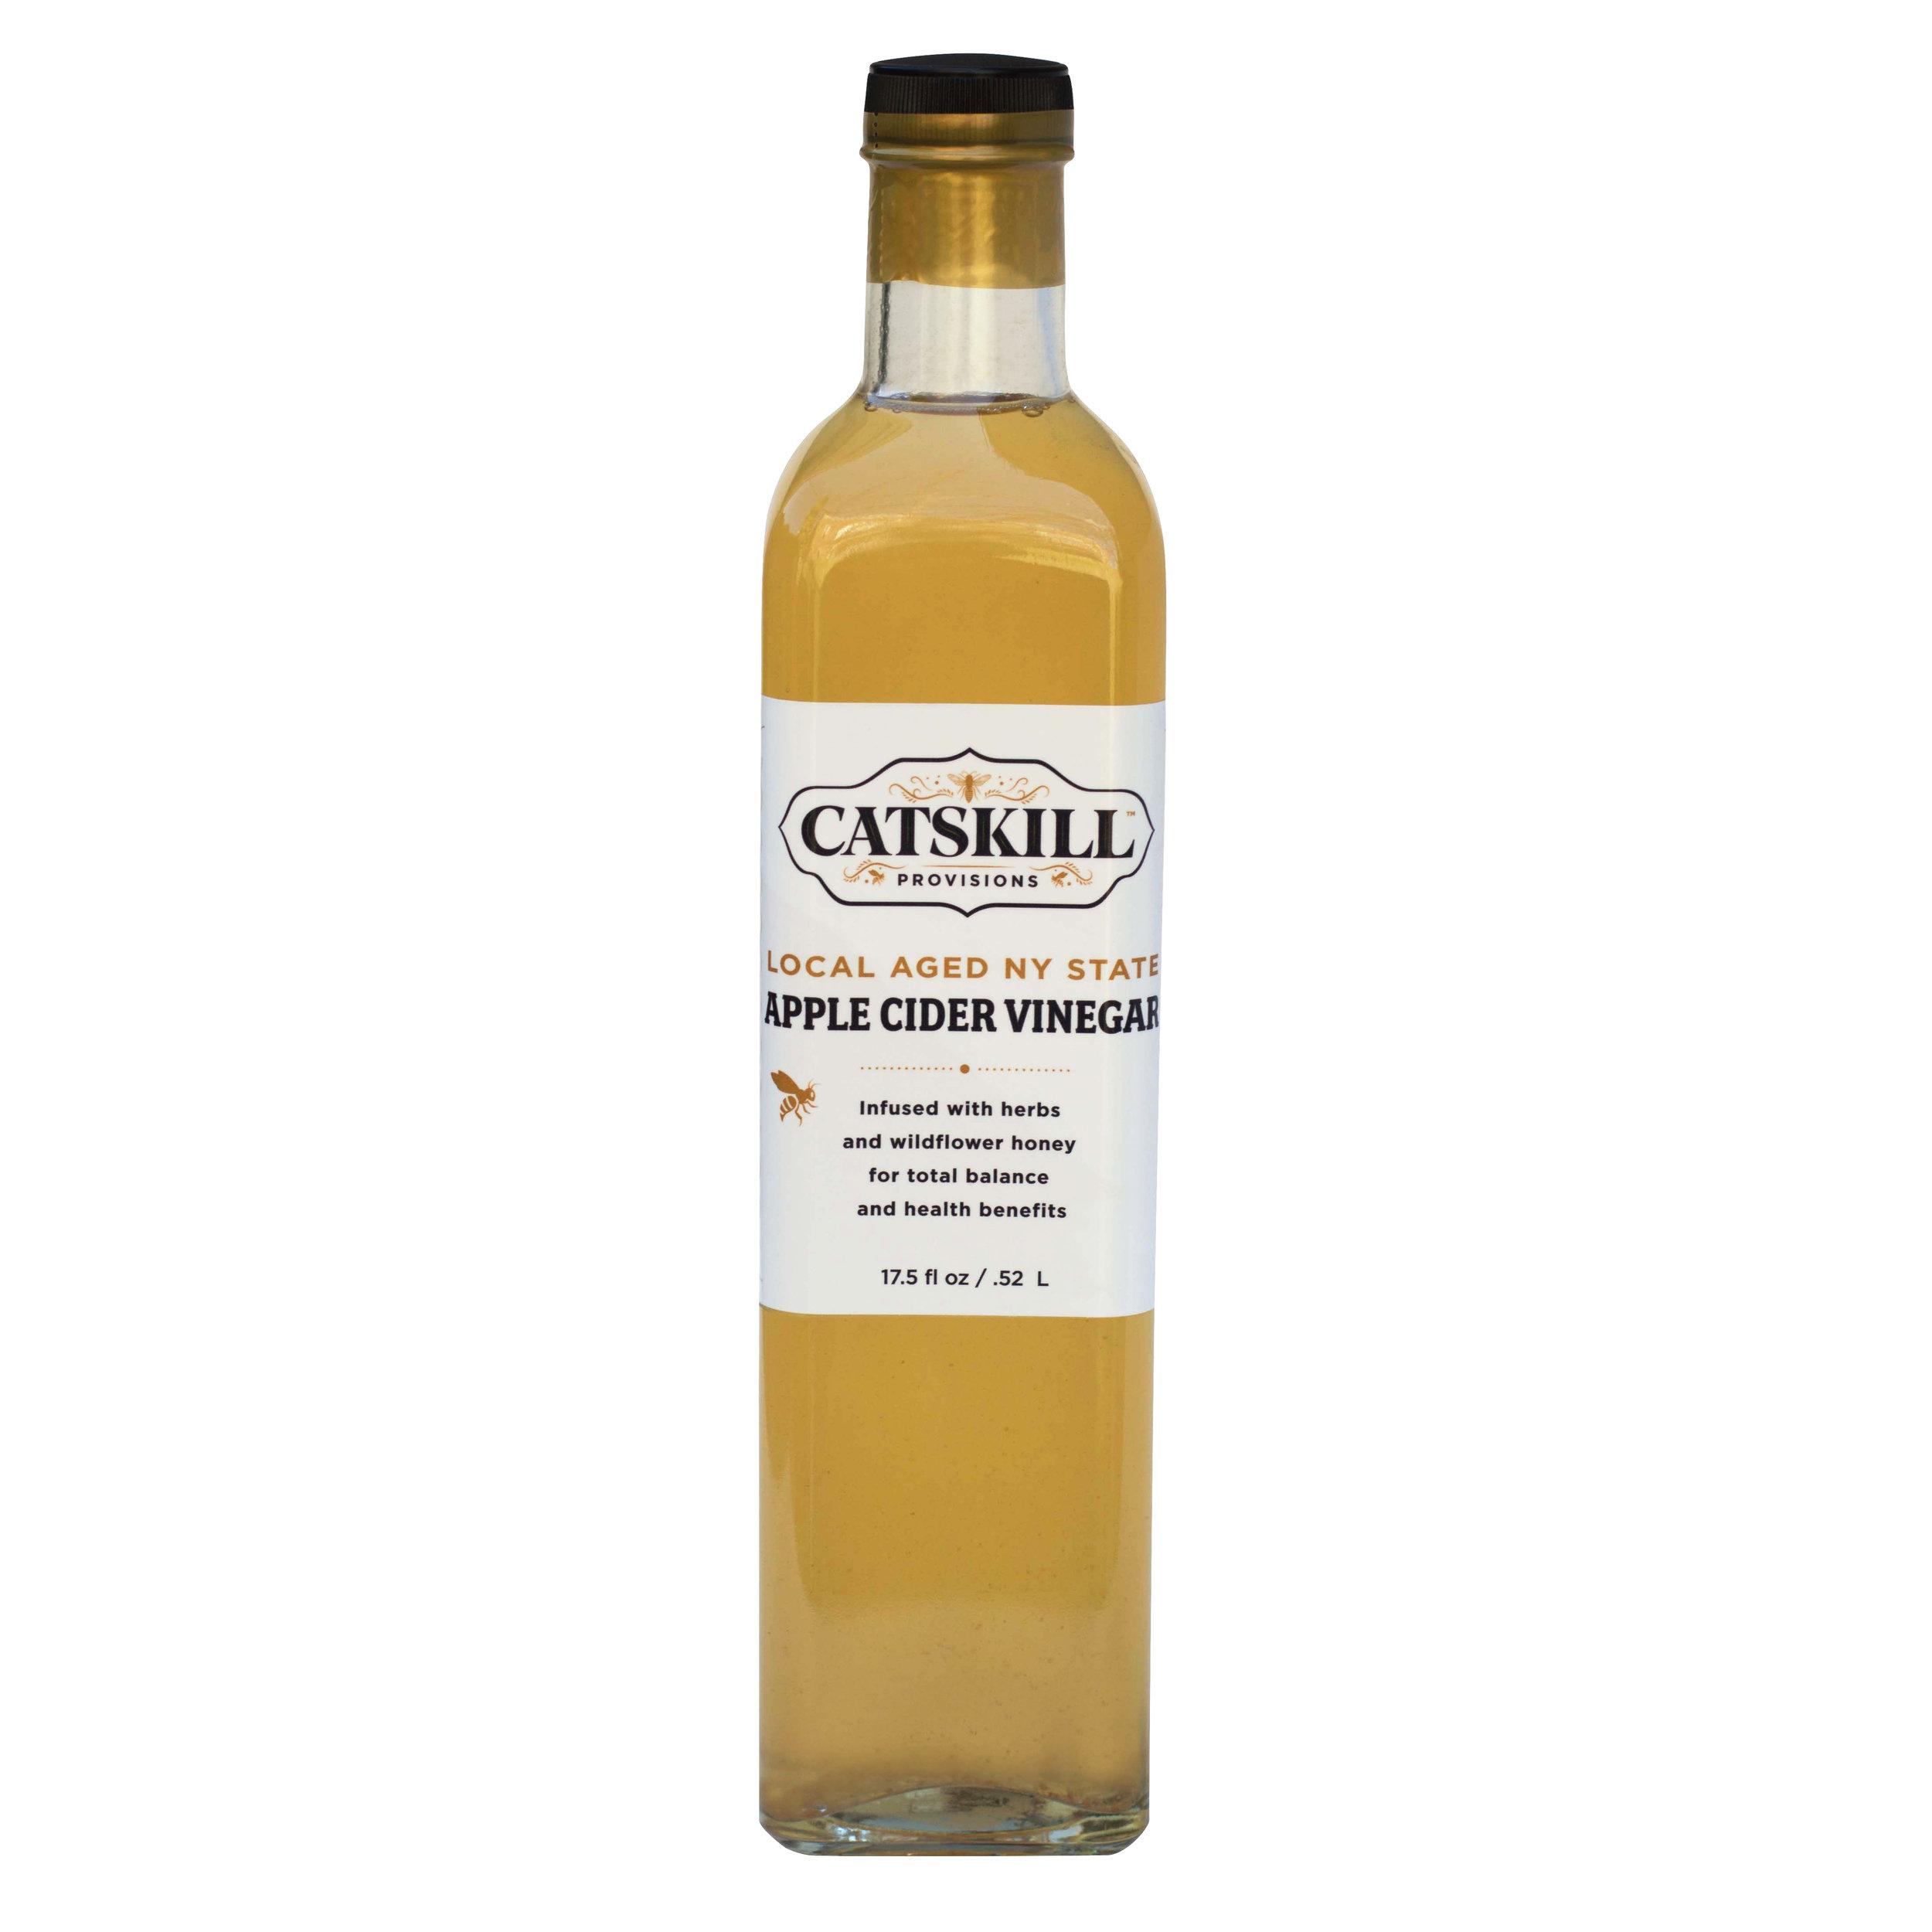 Catskill Provisions Apple Cider Vinegar.jpg